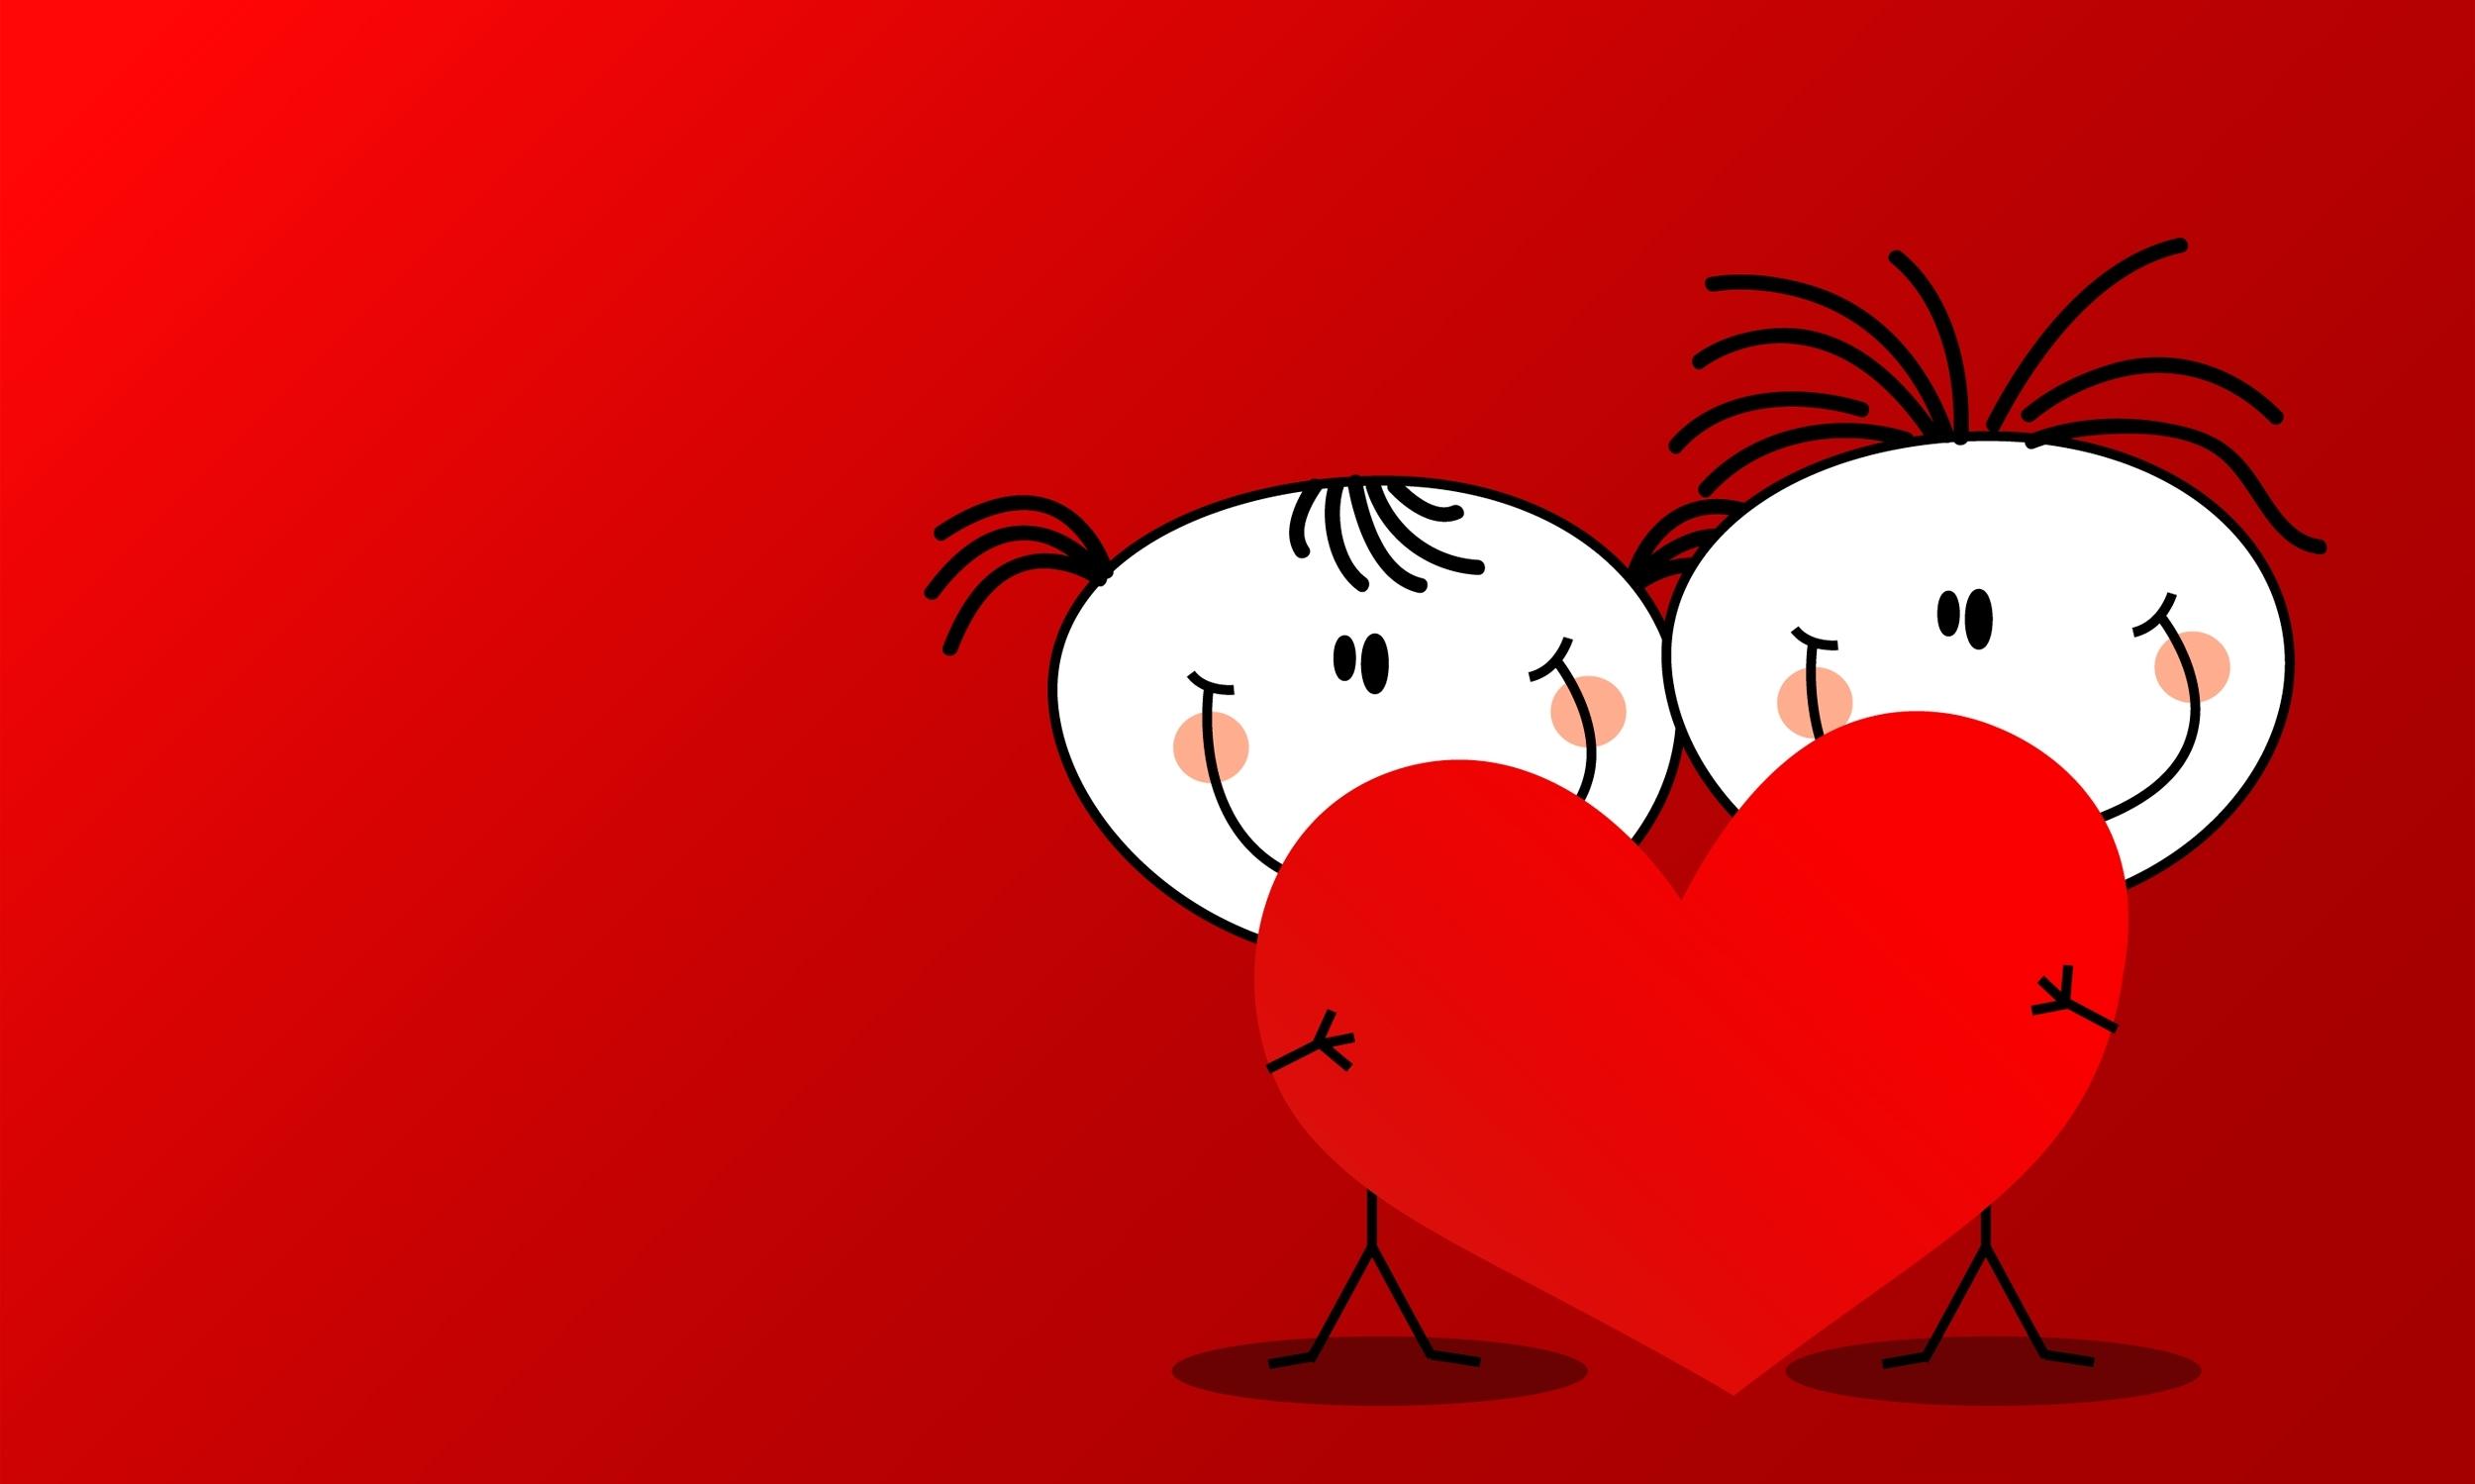 Для поздравления, поздравление с валентиновым днем картинки